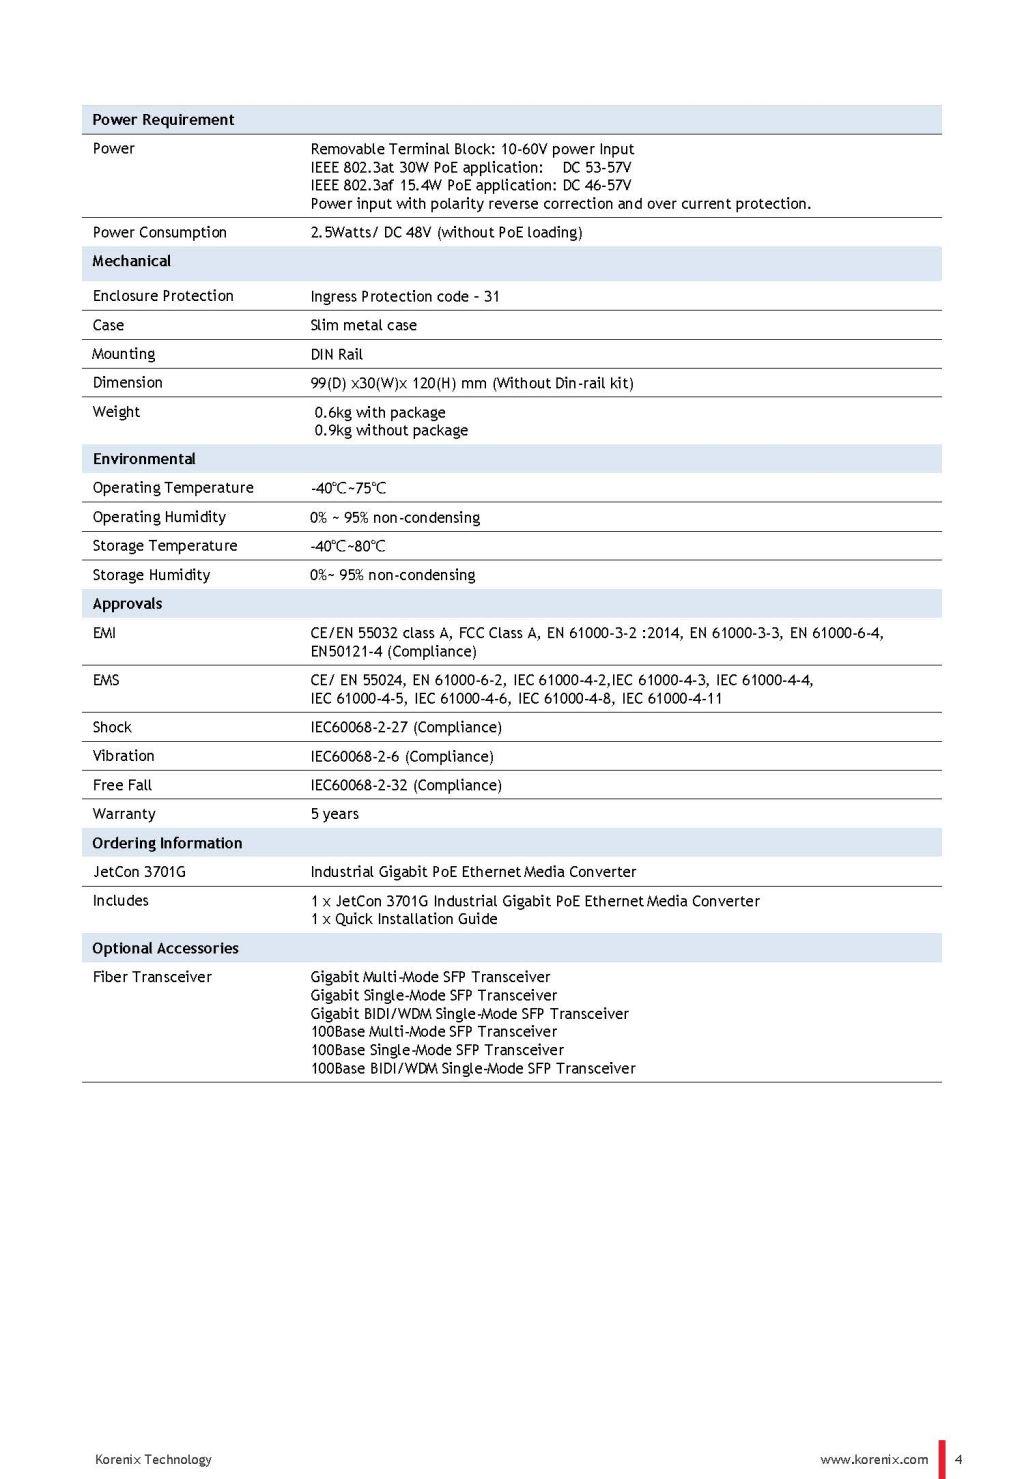 JetCon 3701G Industrial Gigabit PoE Media Converter